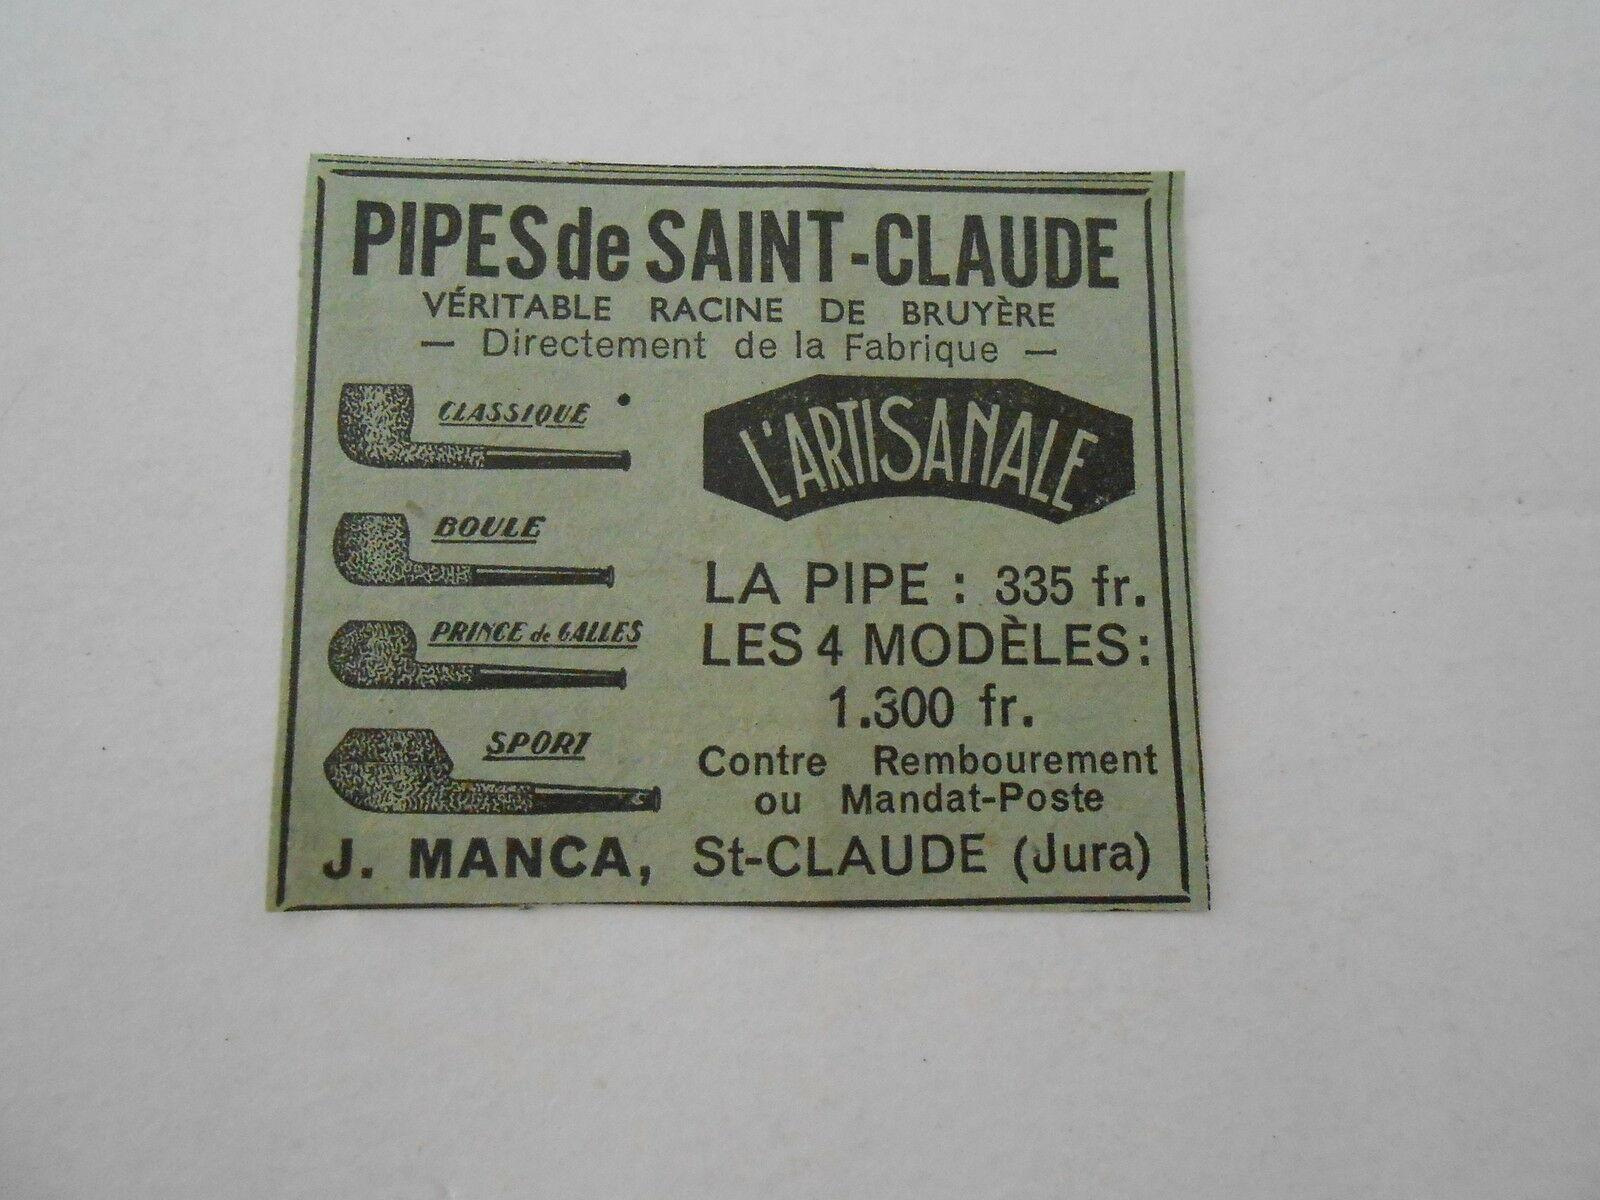 Pipes-de-Saint-Claude-jura-Publicite.jpg